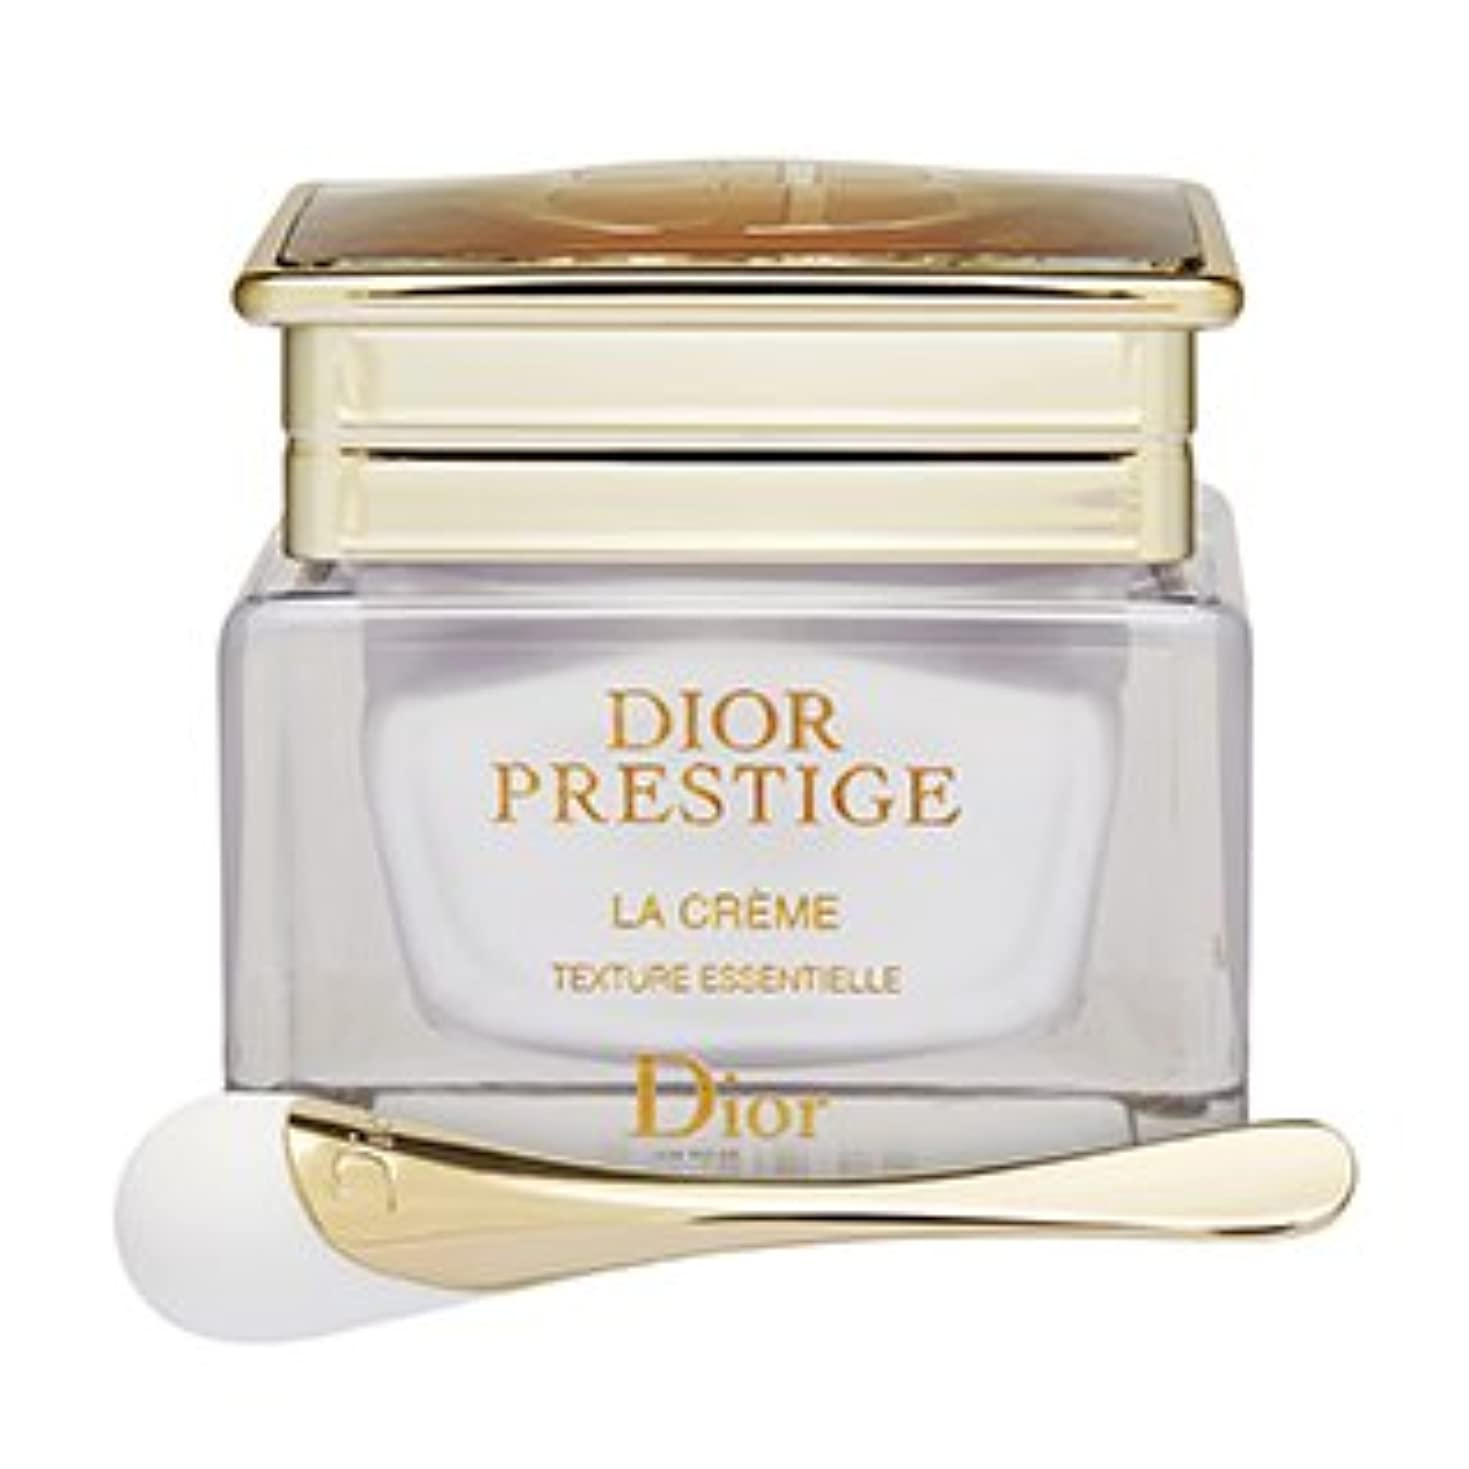 唯一粒マカダムディオール(Dior) プレステージ ラ クレーム - 極上のテクスチャー [並行輸入品]